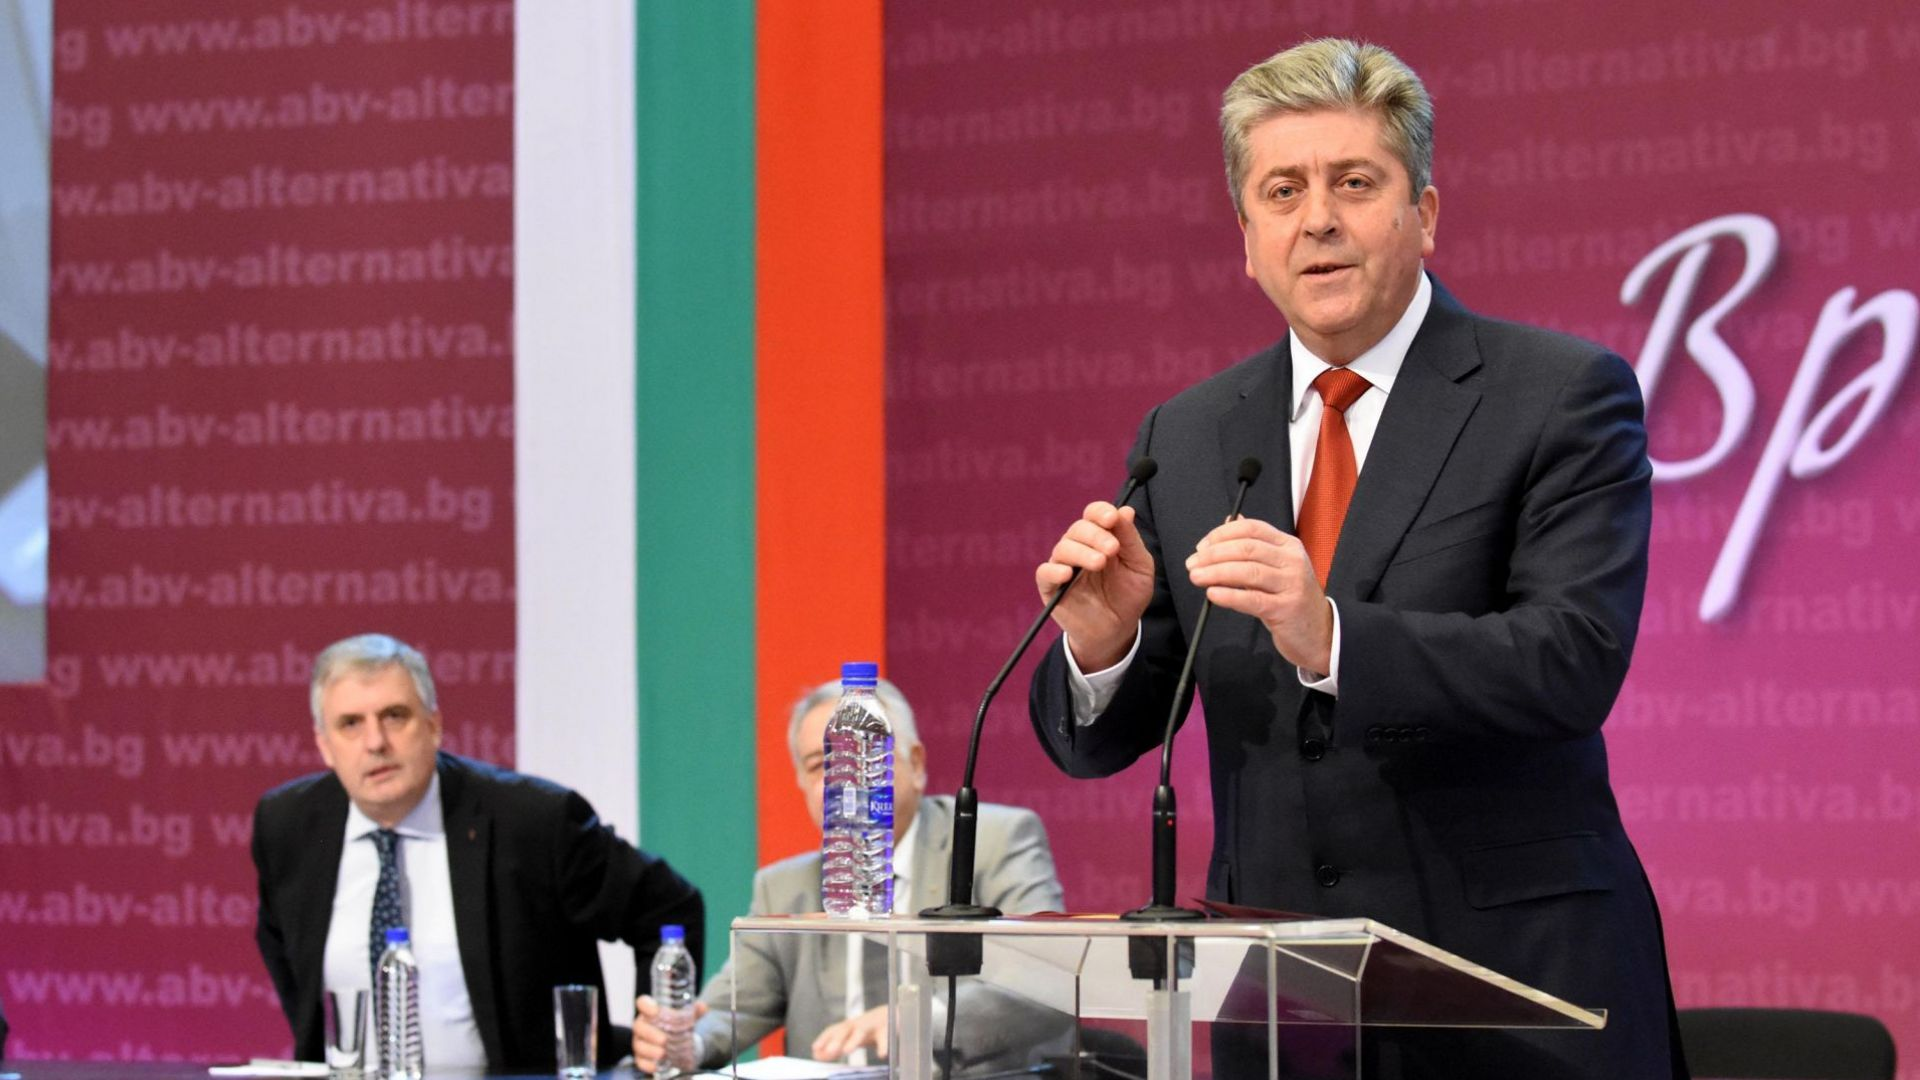 Георги Първанов се обяви против номинацията на доц. Мангъров за кандидат депутат от АБВ